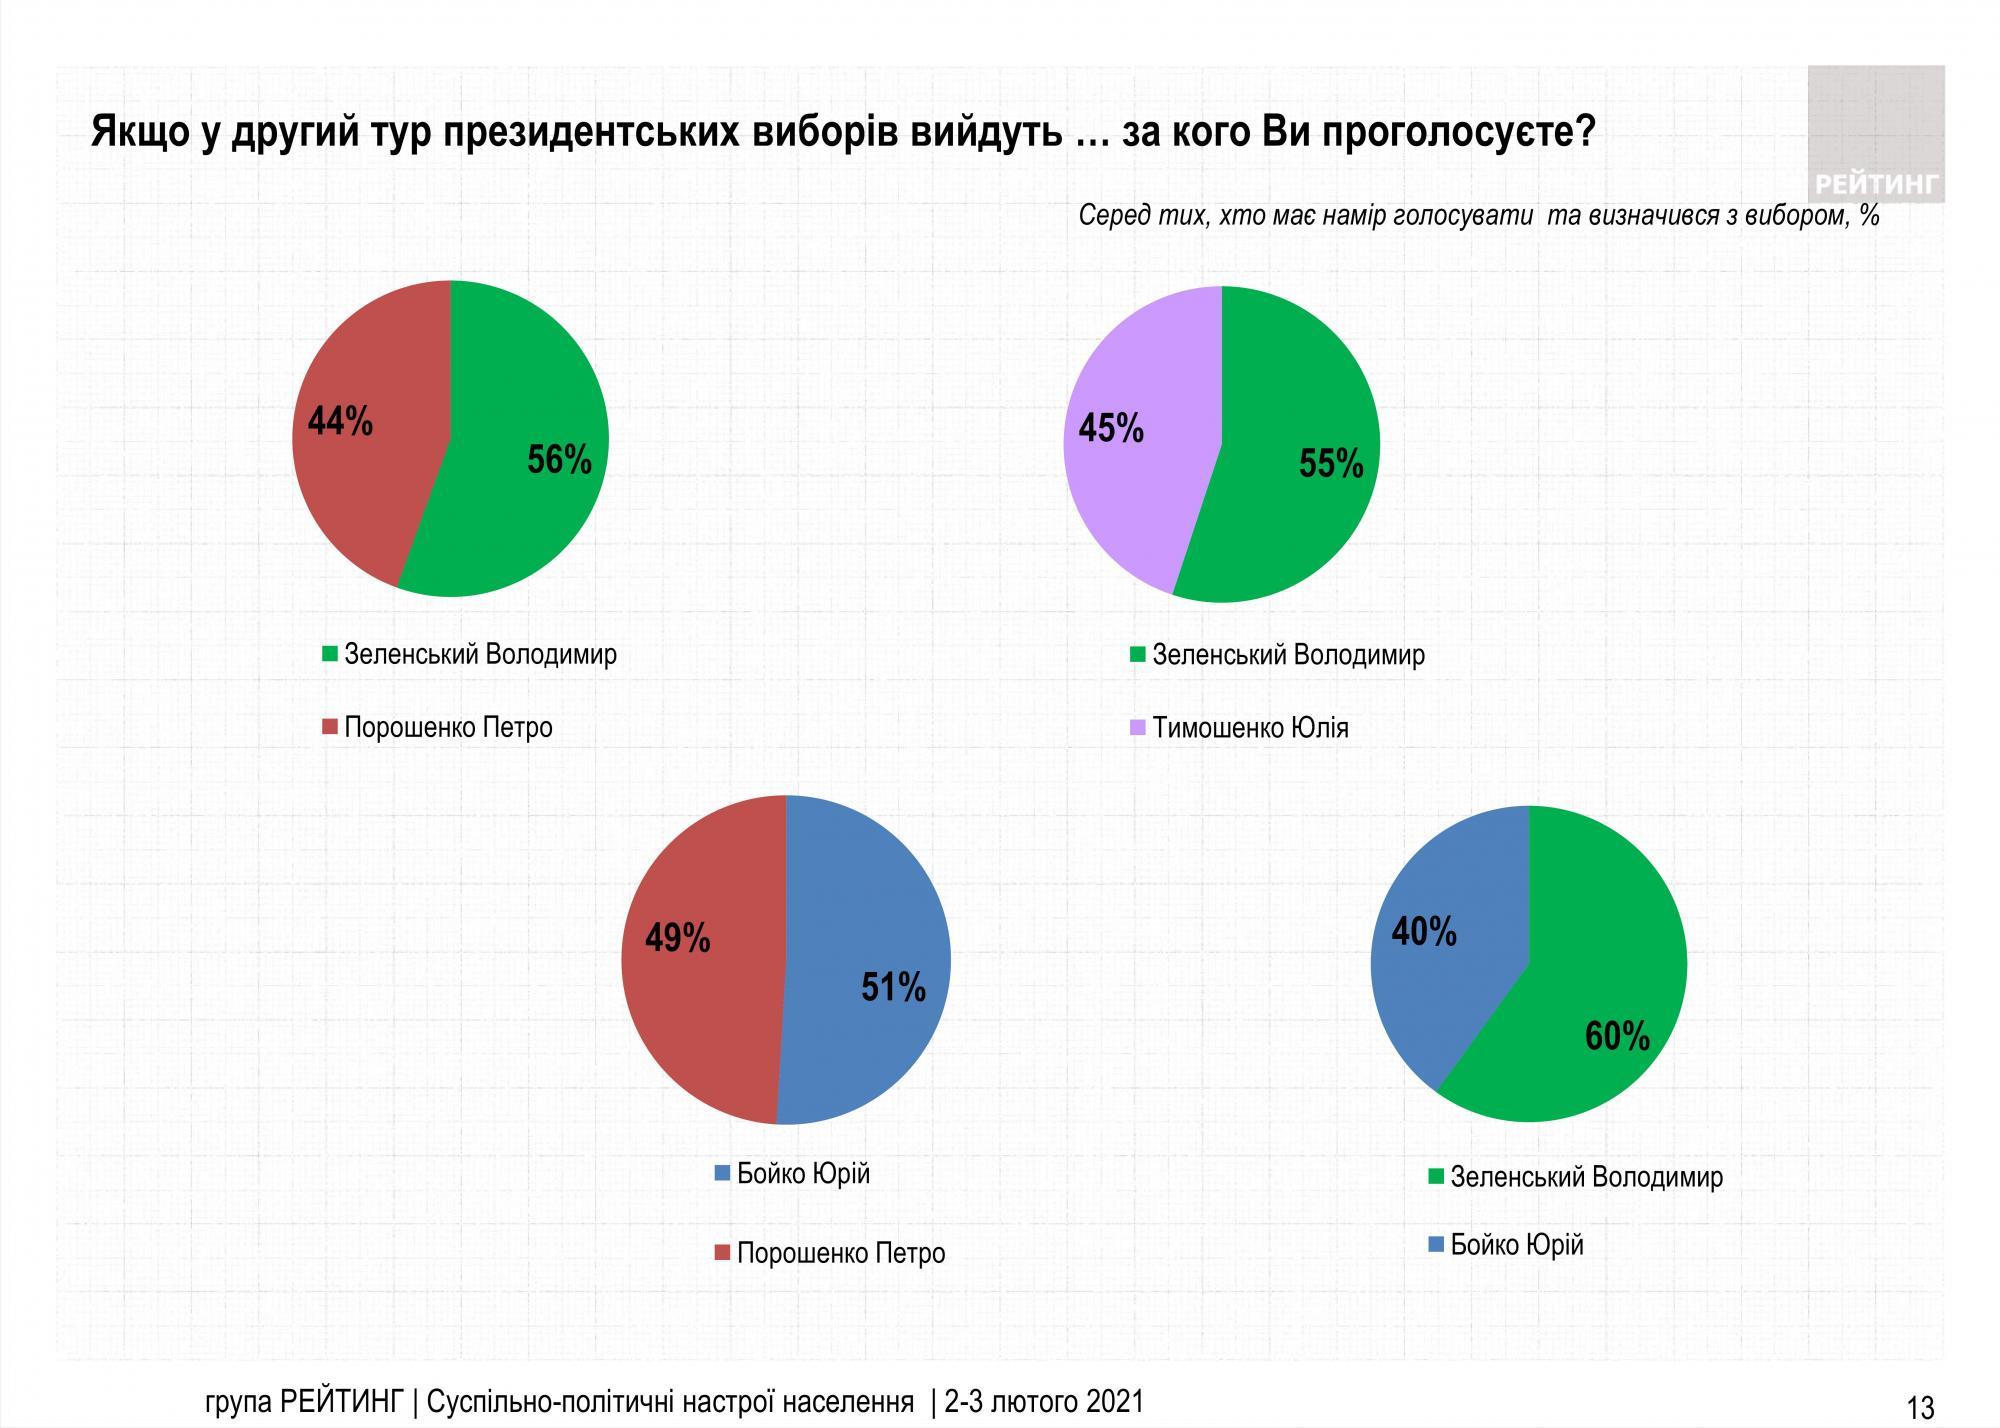 Зеленский снова возглавил президентский рейтинг, но его поддержка падает - фото 4